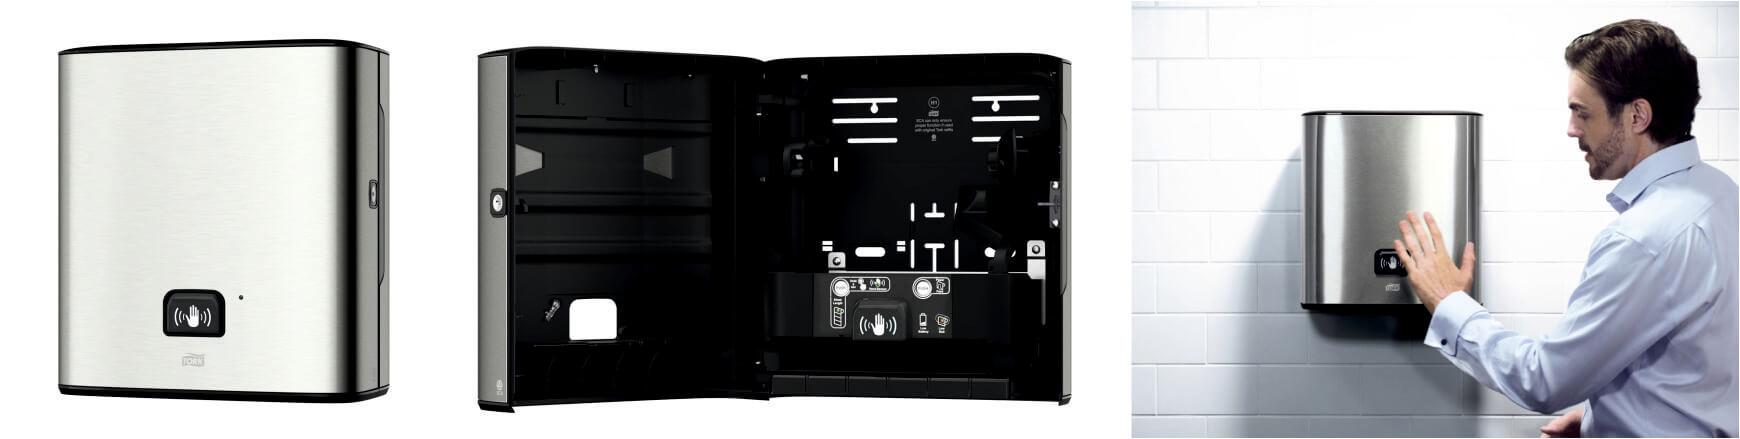 Tork Image Design диспенсер с сенсором для полотенец в рулонах Intuition® металл 460001